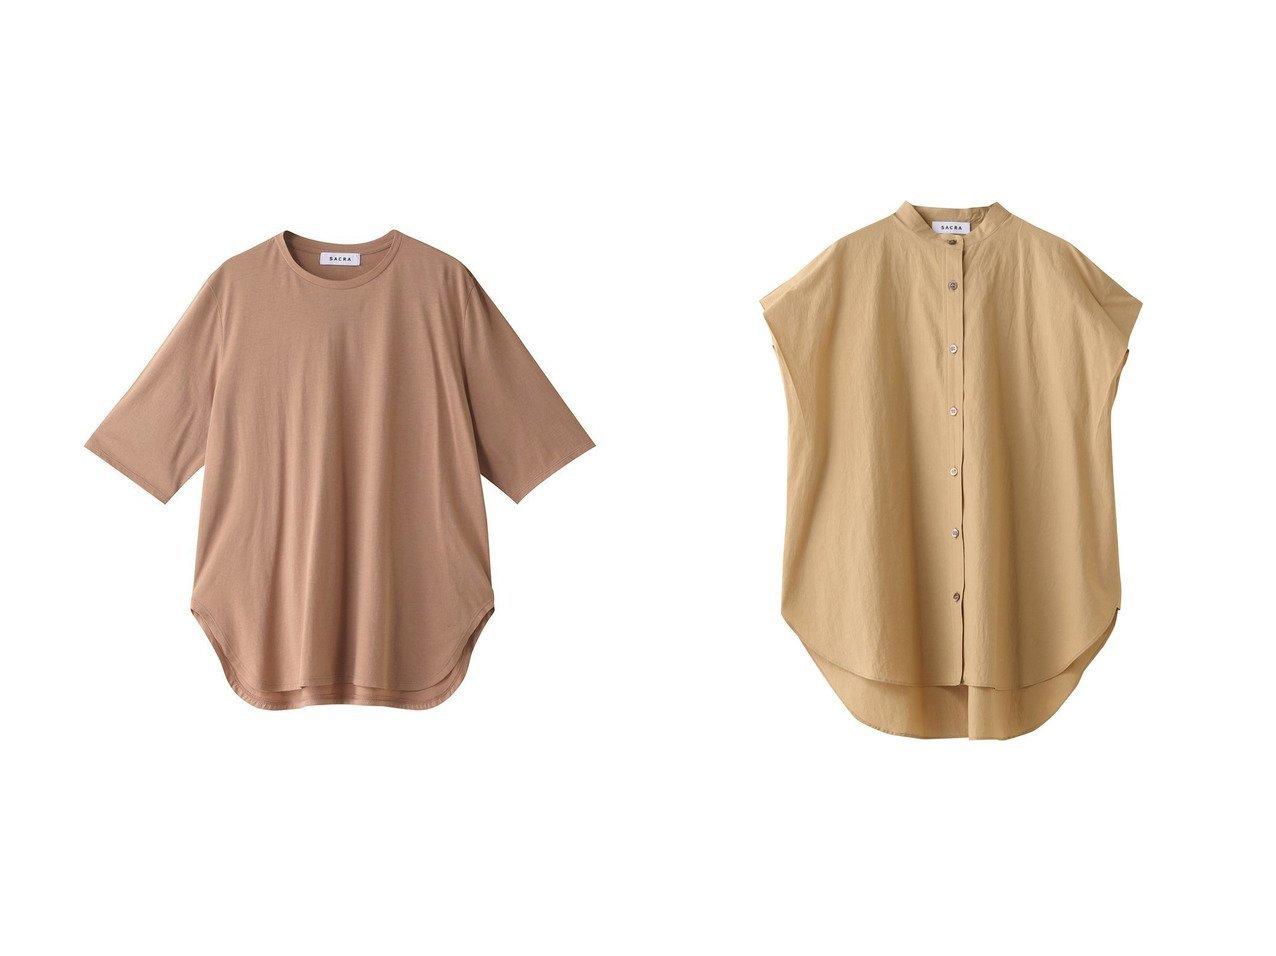 【SACRA/サクラ】のウォッシュドタイプライターブラウス&マイクロファインコットンTシャツ 【トップス・カットソー】おすすめ!人気、トレンド・レディースファッションの通販 おすすめで人気の流行・トレンド、ファッションの通販商品 メンズファッション・キッズファッション・インテリア・家具・レディースファッション・服の通販 founy(ファニー) https://founy.com/ ファッション Fashion レディースファッション WOMEN トップス・カットソー Tops/Tshirt シャツ/ブラウス Shirts/Blouses ロング / Tシャツ T-Shirts カットソー Cut and Sewn ショート スリーブ タイプライター ワッシャー |ID:crp329100000035599